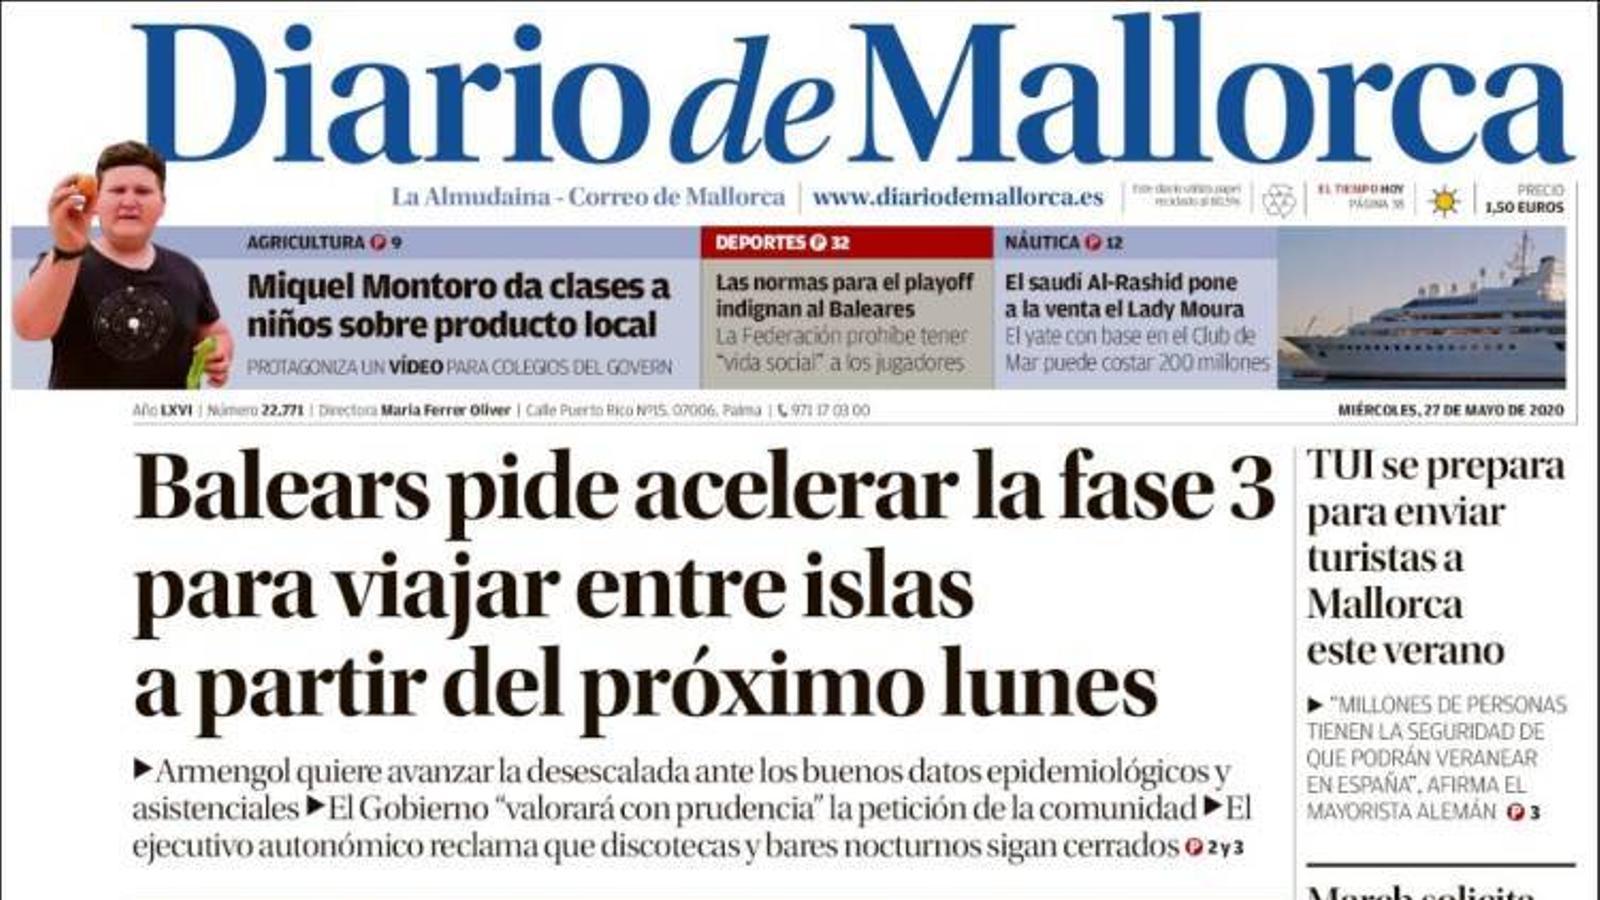 """""""Balears demana accelerar la fase 3 per viatjar entre illes a partir del pròxim dilluns"""", portada de 'Diario de Mallorca'"""